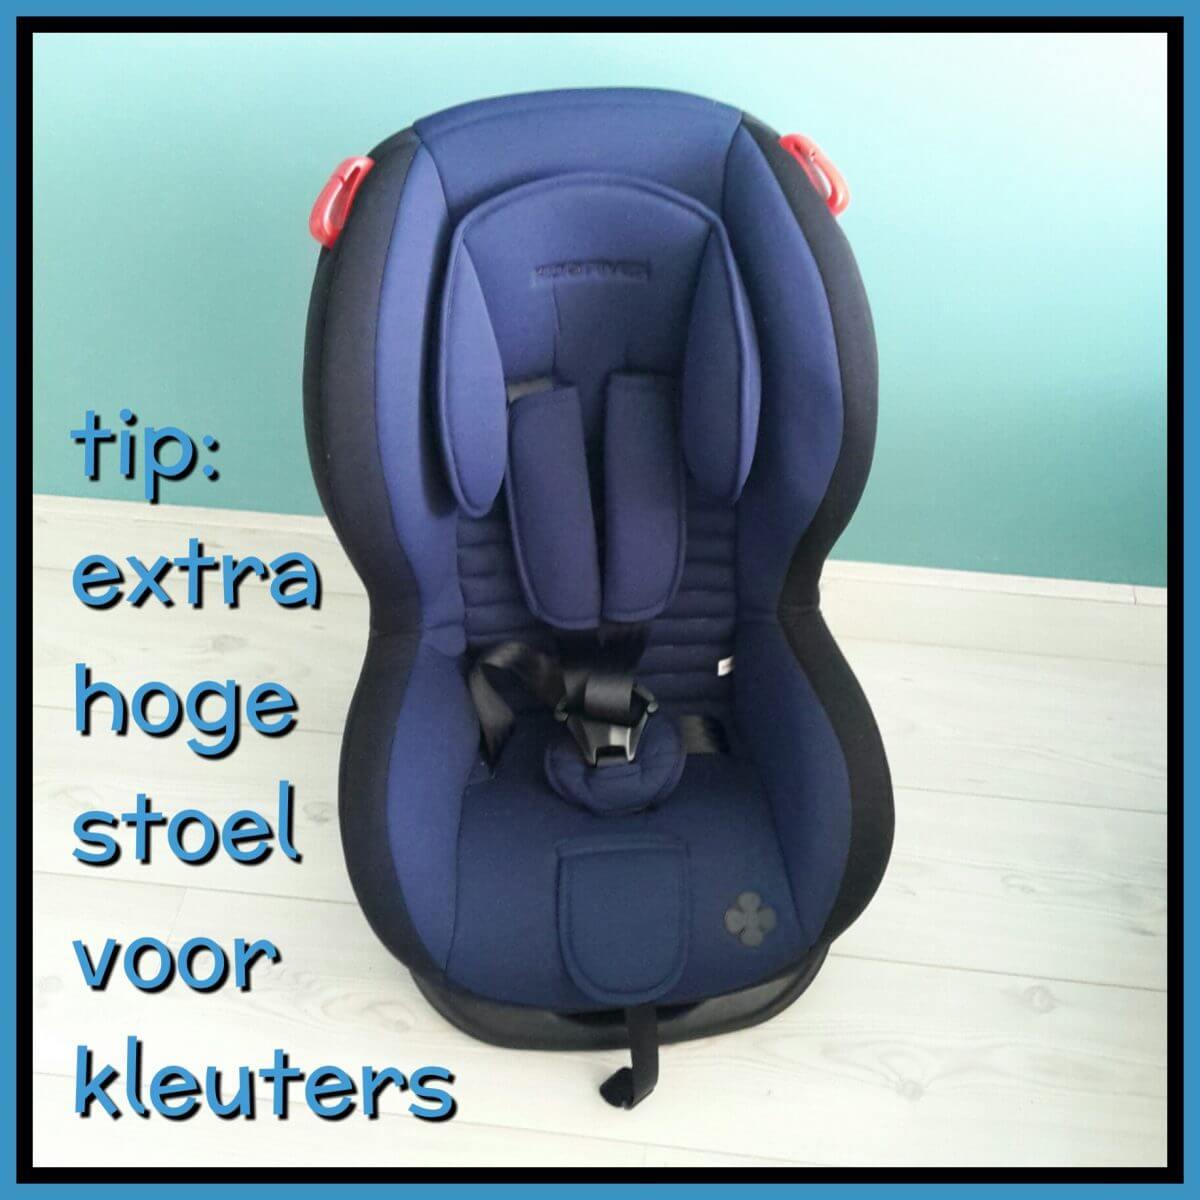 Hoge Stoel Voor Peuter.Tip Extra Hoge Autostoel Voor Peuters En Kleuters Die